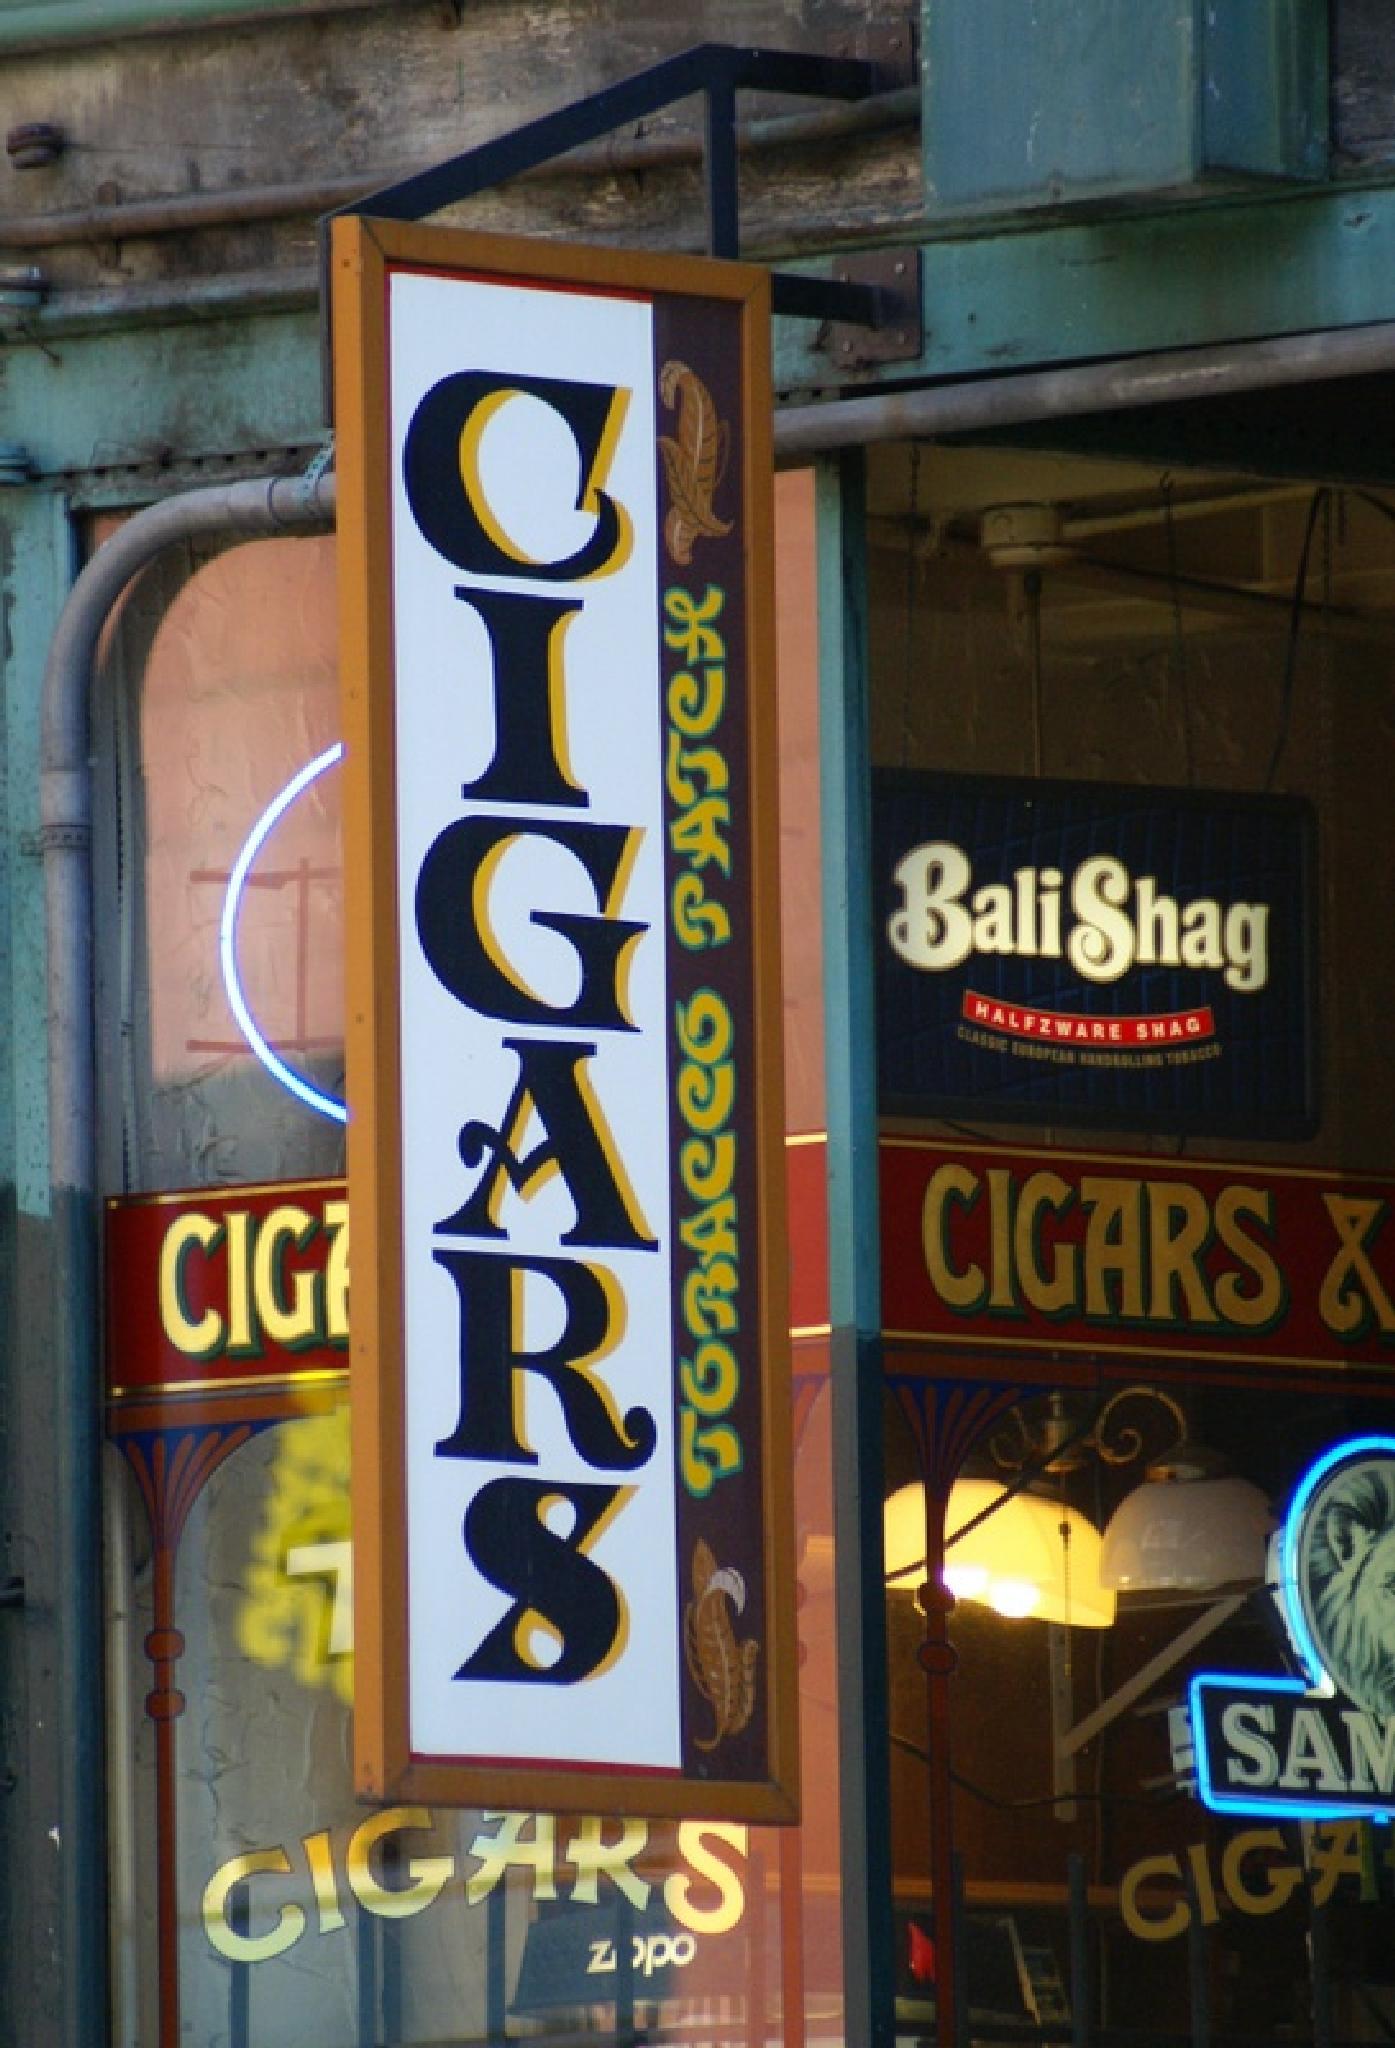 Cigars by shawna.morgan.7